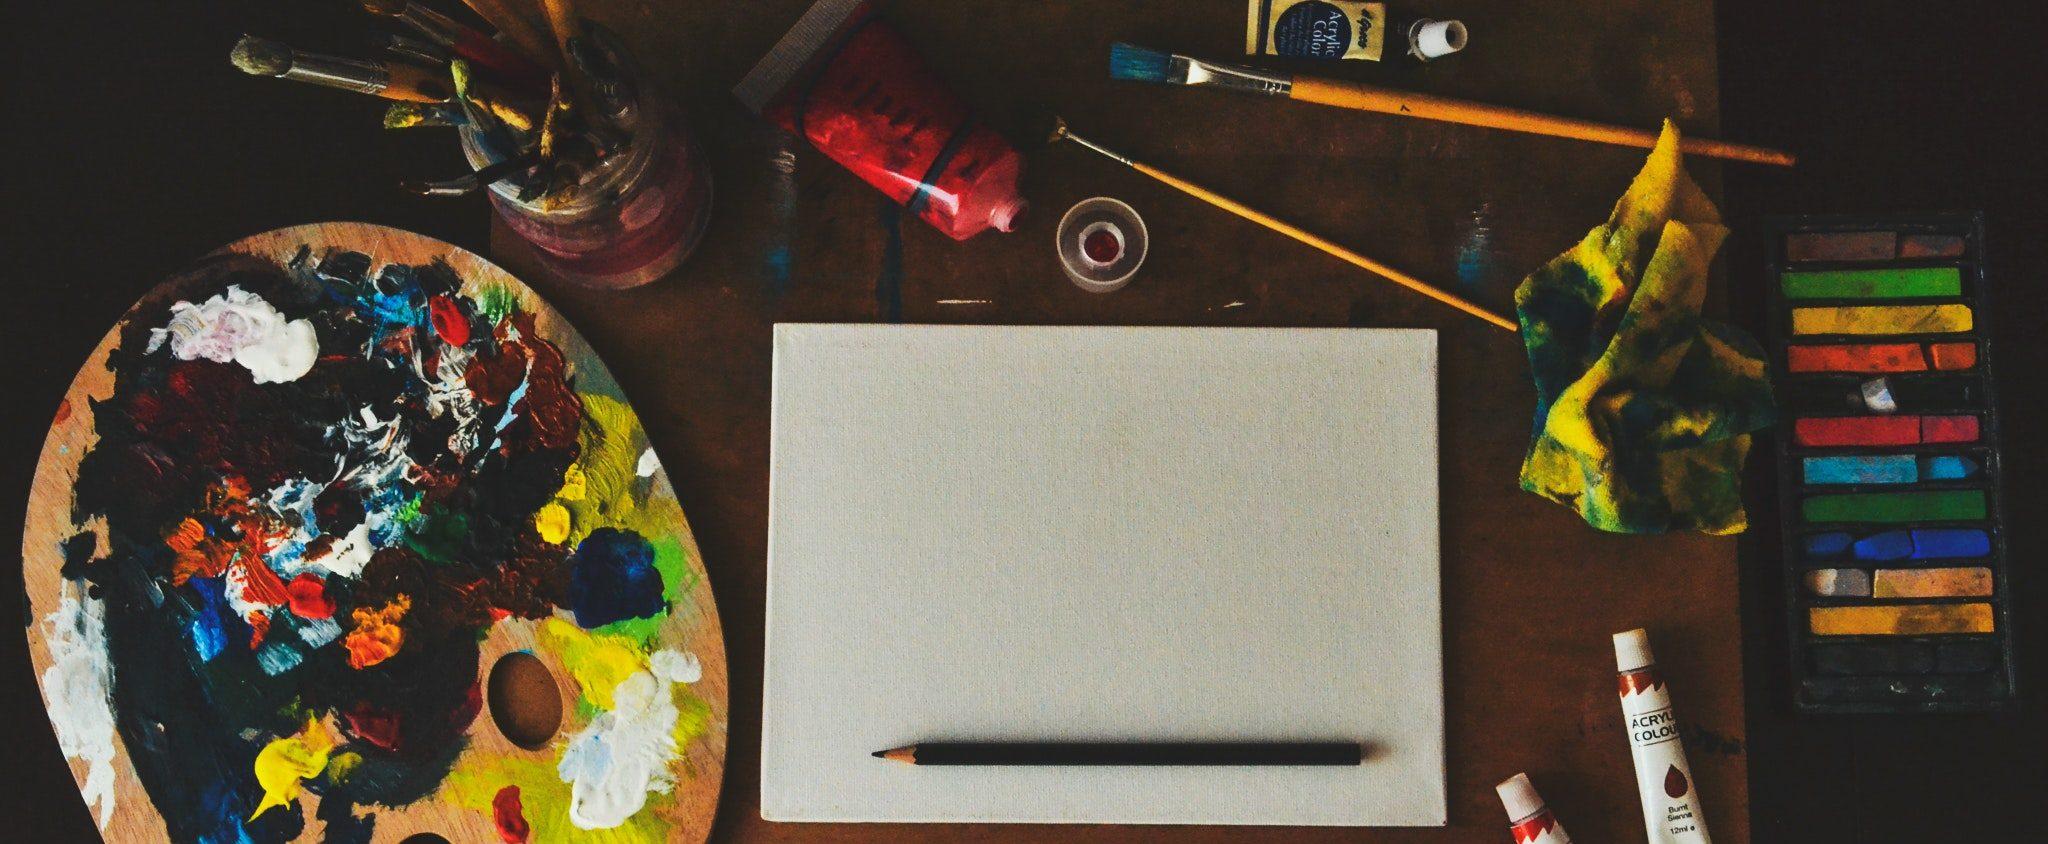 Ambiente de trabalho de arte